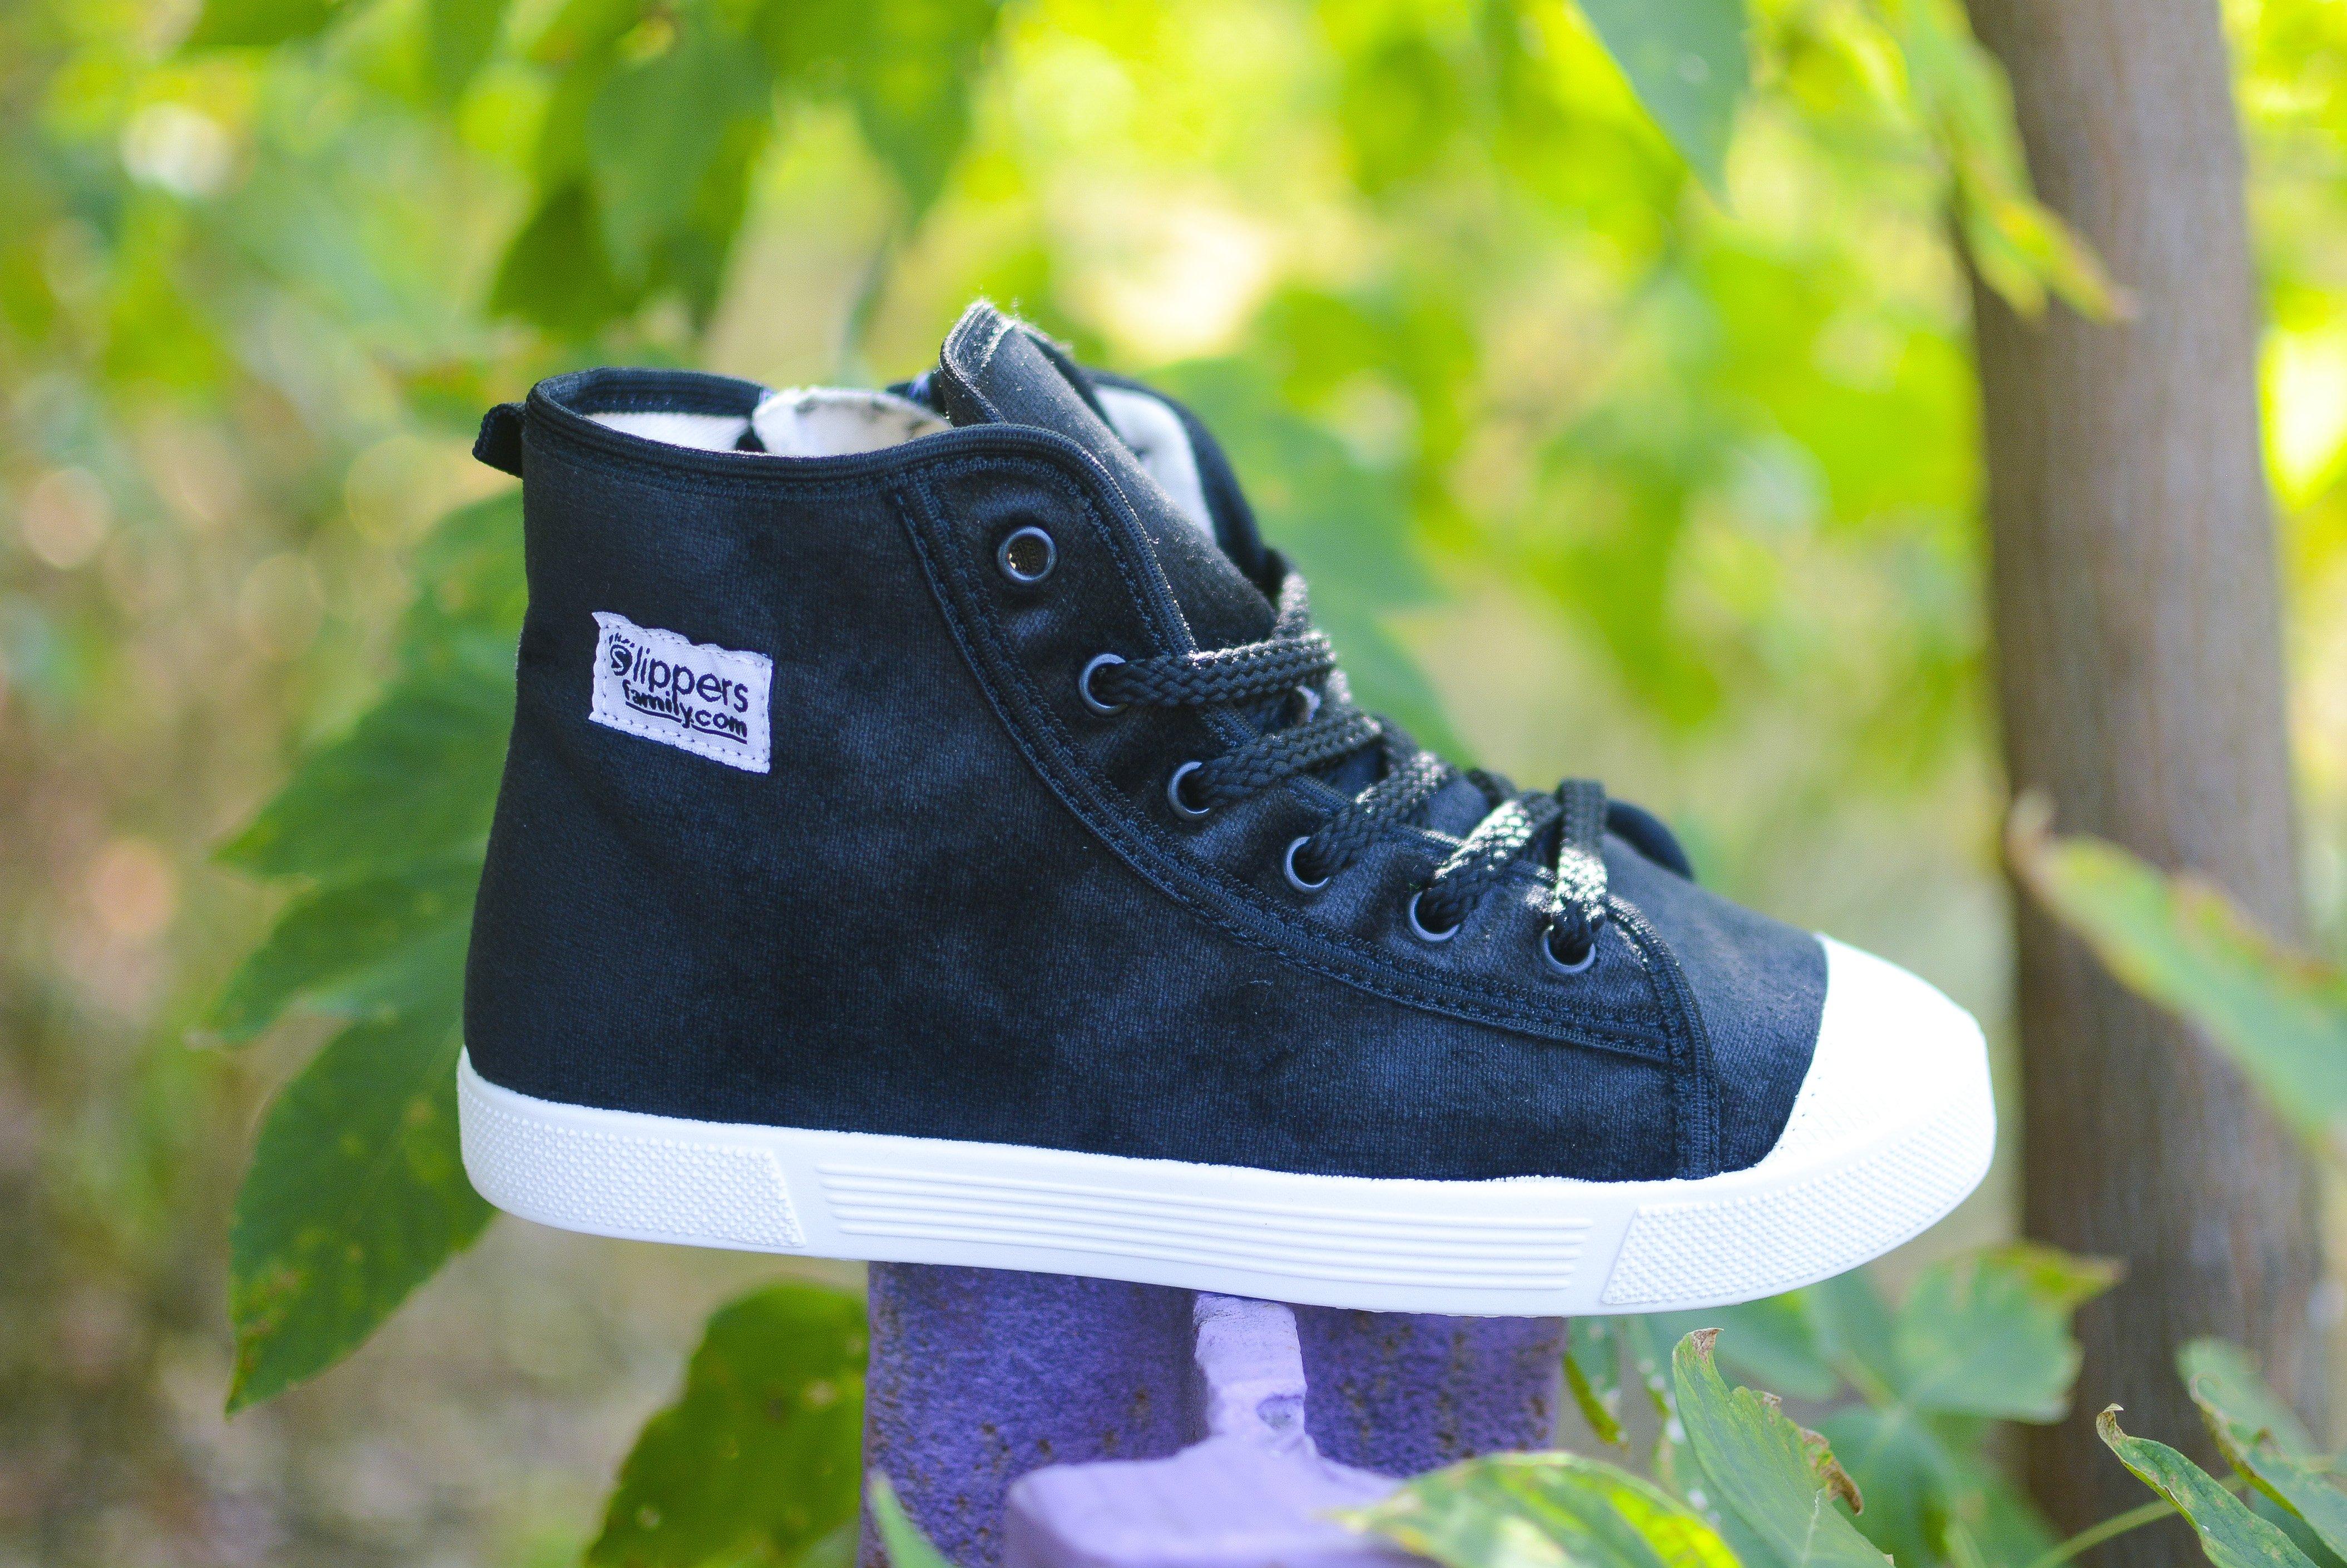 Buty dla dzieci Slippers Family